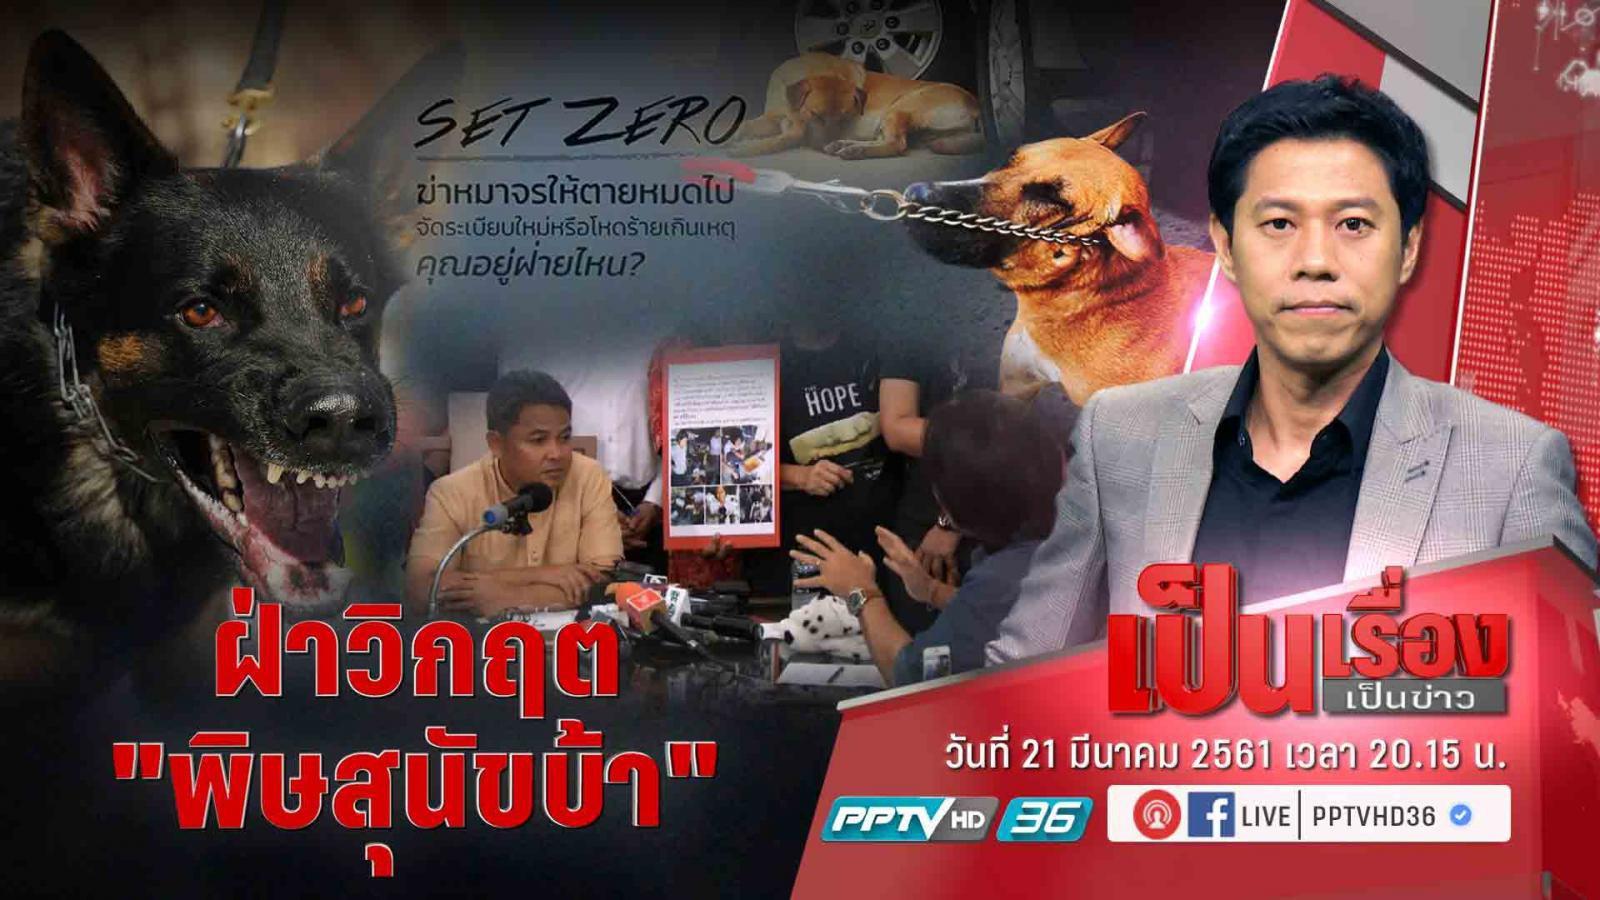 """""""กลุ่มคนรักสัตว์"""" ขวาง """"SET ZERO"""" หมาจรจัด เพราะไทยเป็นเมืองพุทธ"""